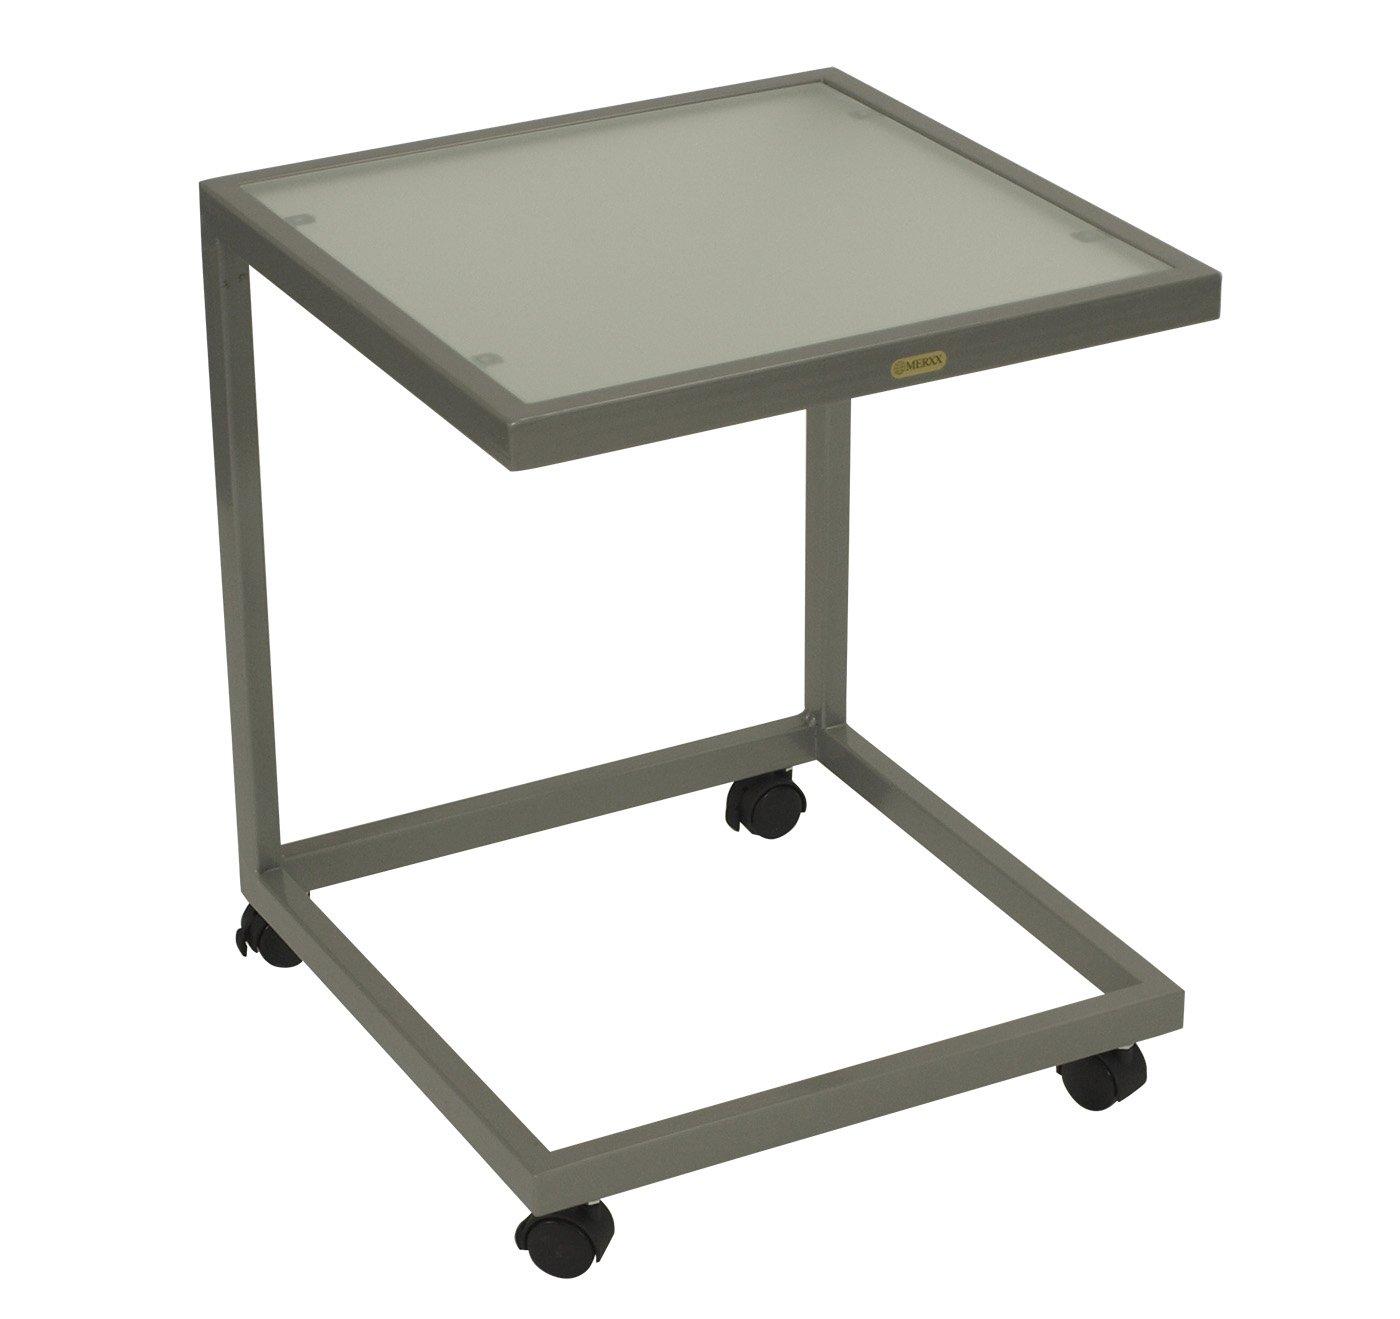 Beistelltisch rollbar 45x45x55cm, Stahl silber + Sicherheitsglas günstig online kaufen